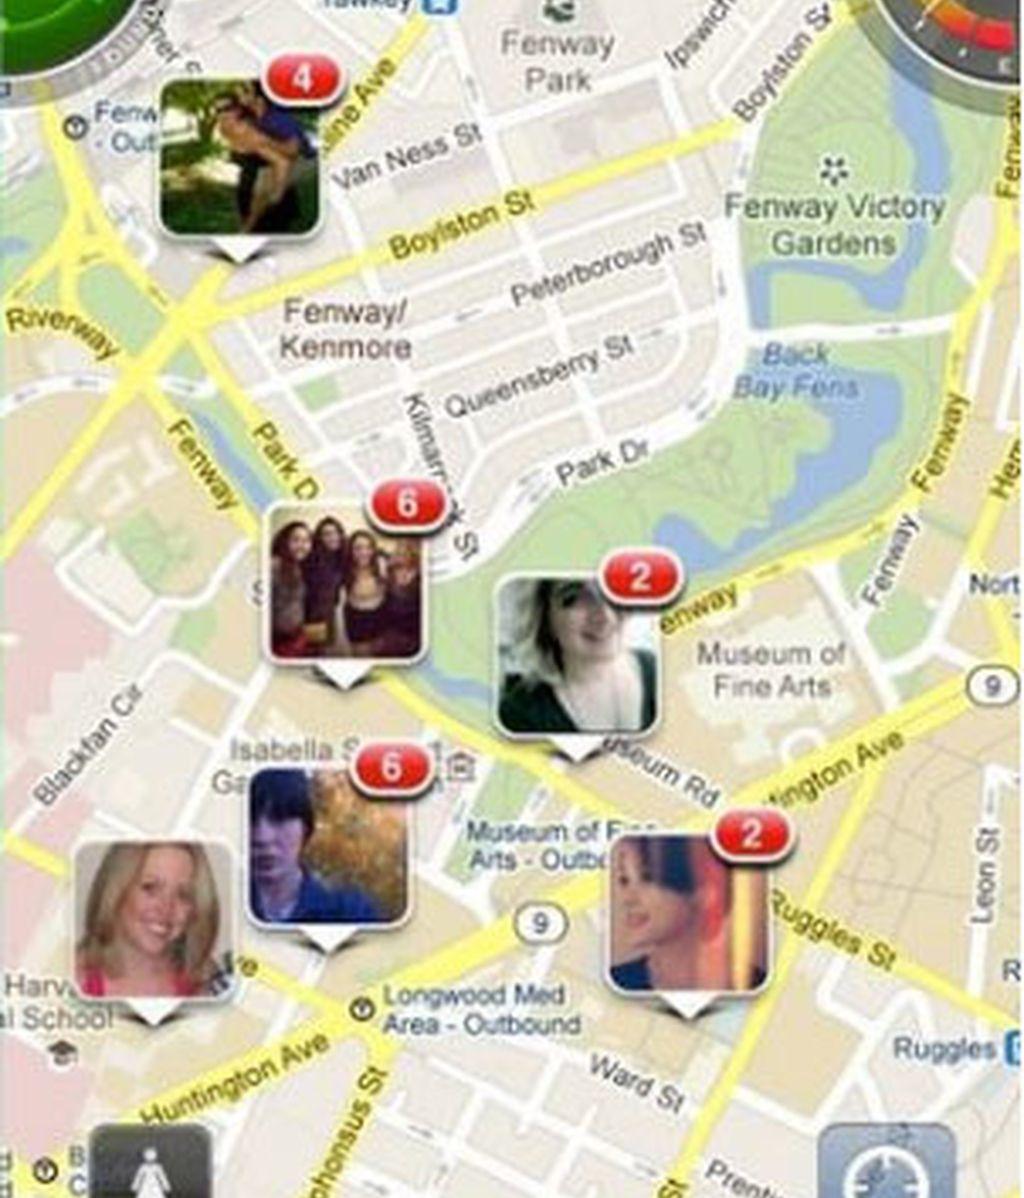 Bloquean la aplicación 'Girls around me' que permitía rastrear chicas